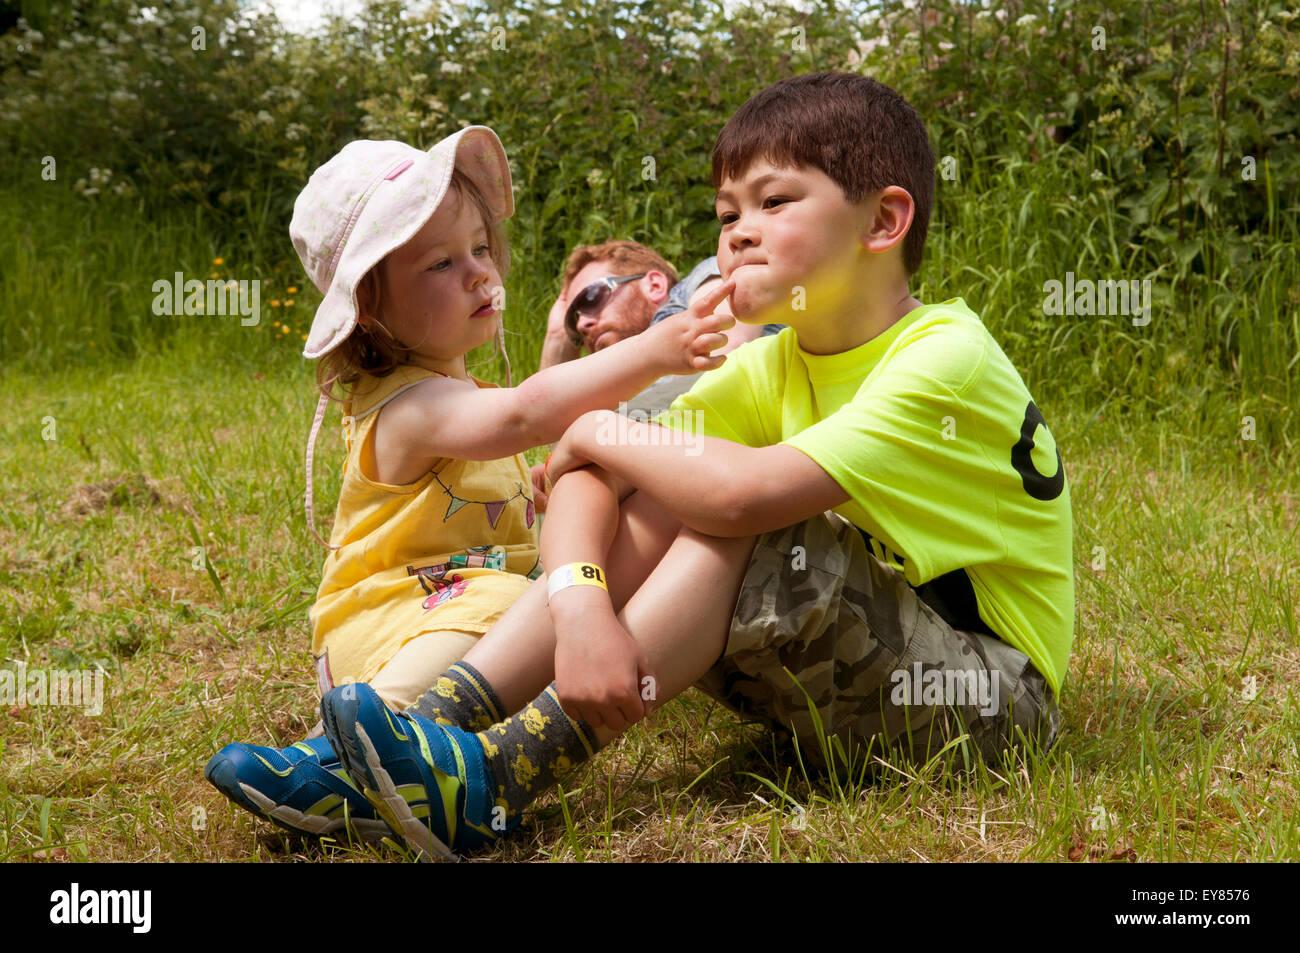 Little girl putting suncream on boys face - Stock Image